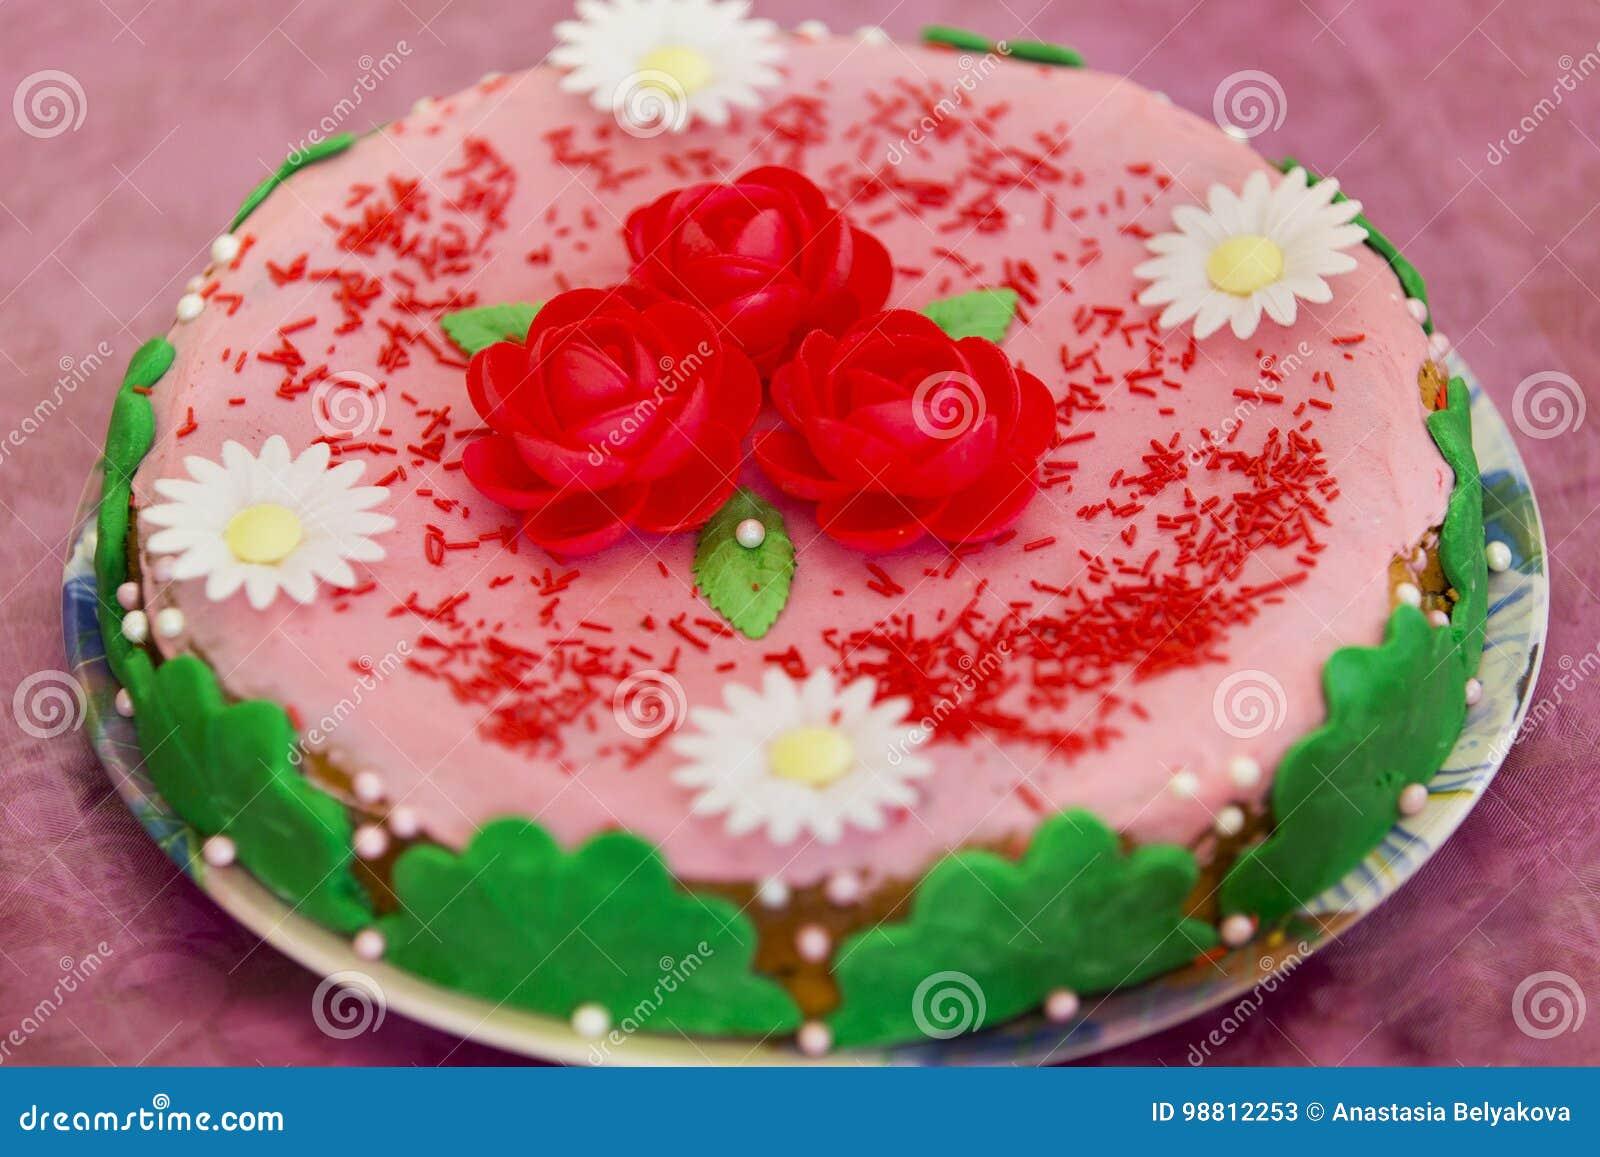 Kuchen Mit Rosa Zuckerglasur Rotem Und Raffiniertemzucker Bluht